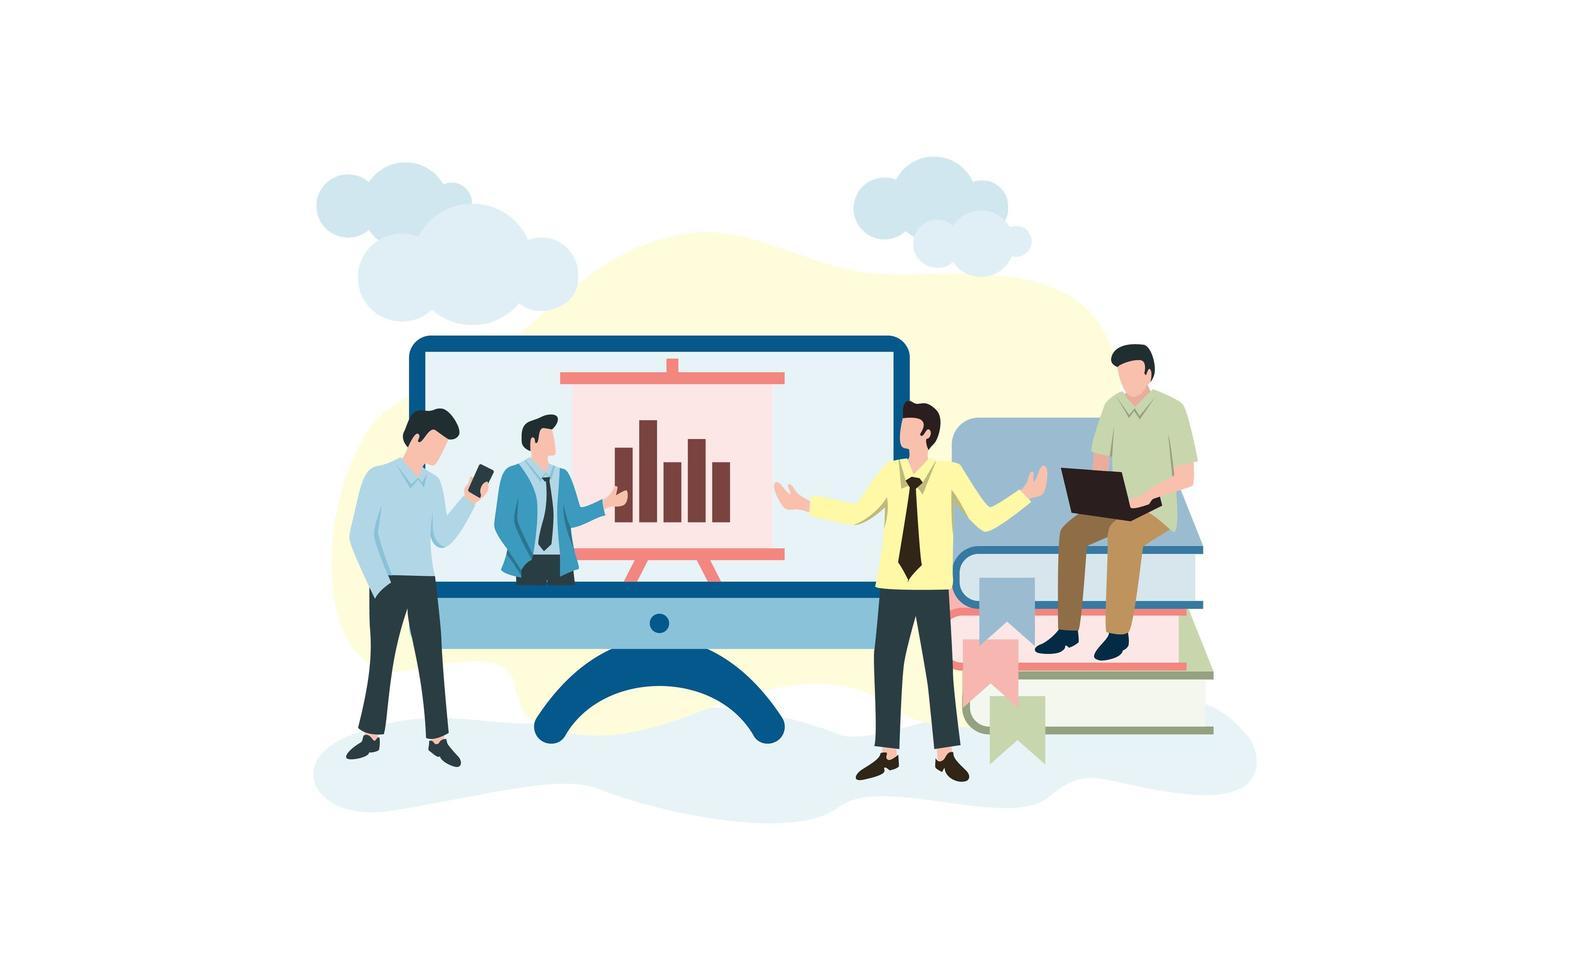 activité des personnes liée à la présentation en ligne vecteur